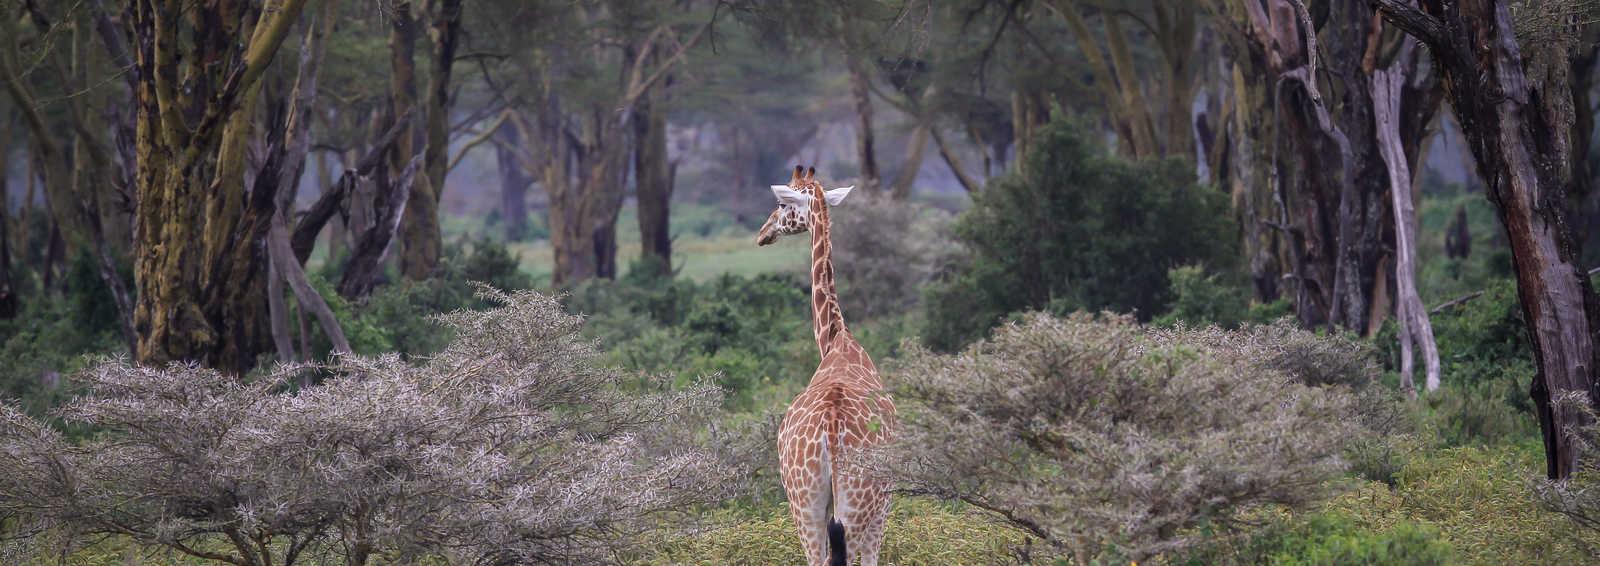 Rothschilds Giraffe in Lake Nakuru, Kenya